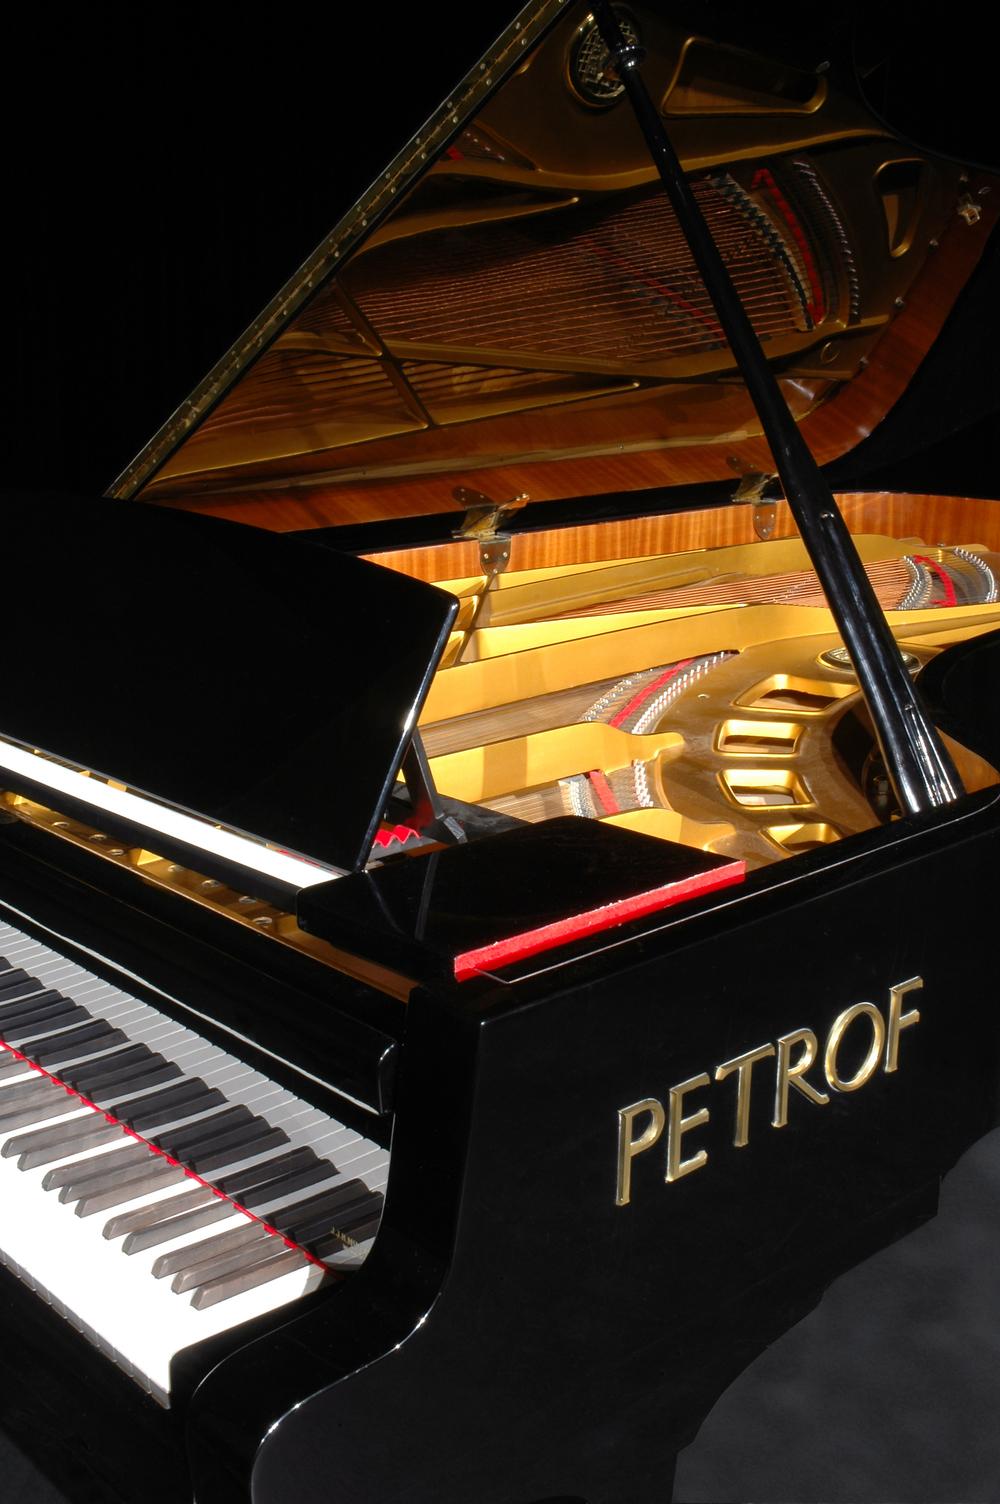 Petrof 06.jpg